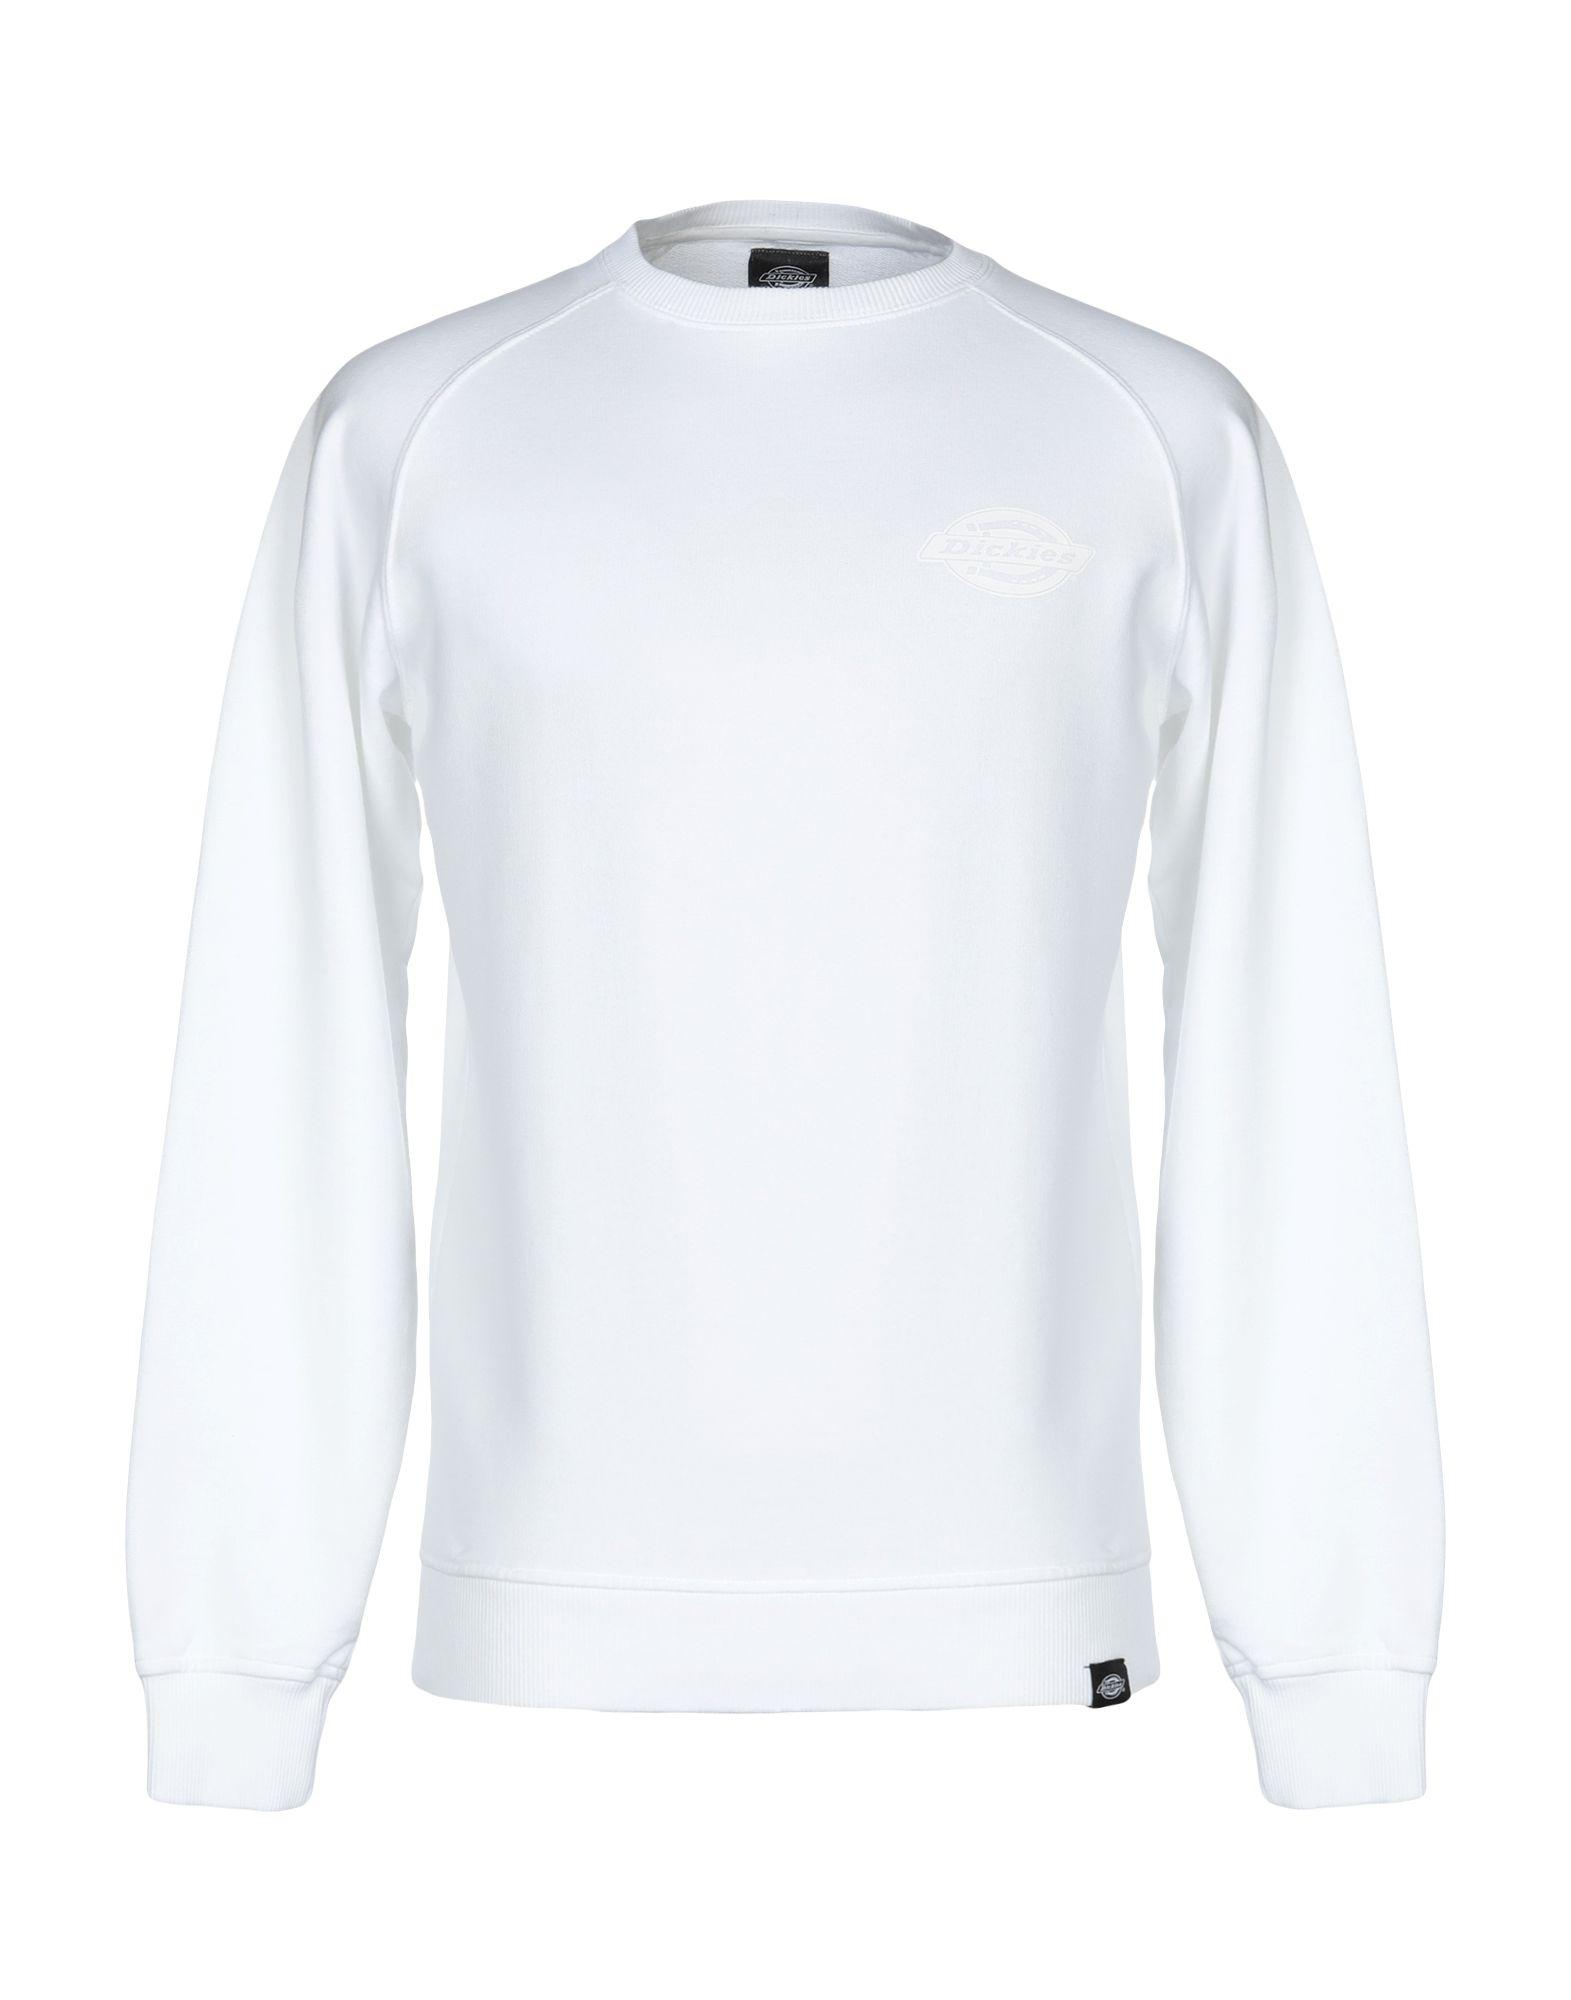 《送料無料》DICKIES メンズ スウェットシャツ ホワイト XS コットン 100%